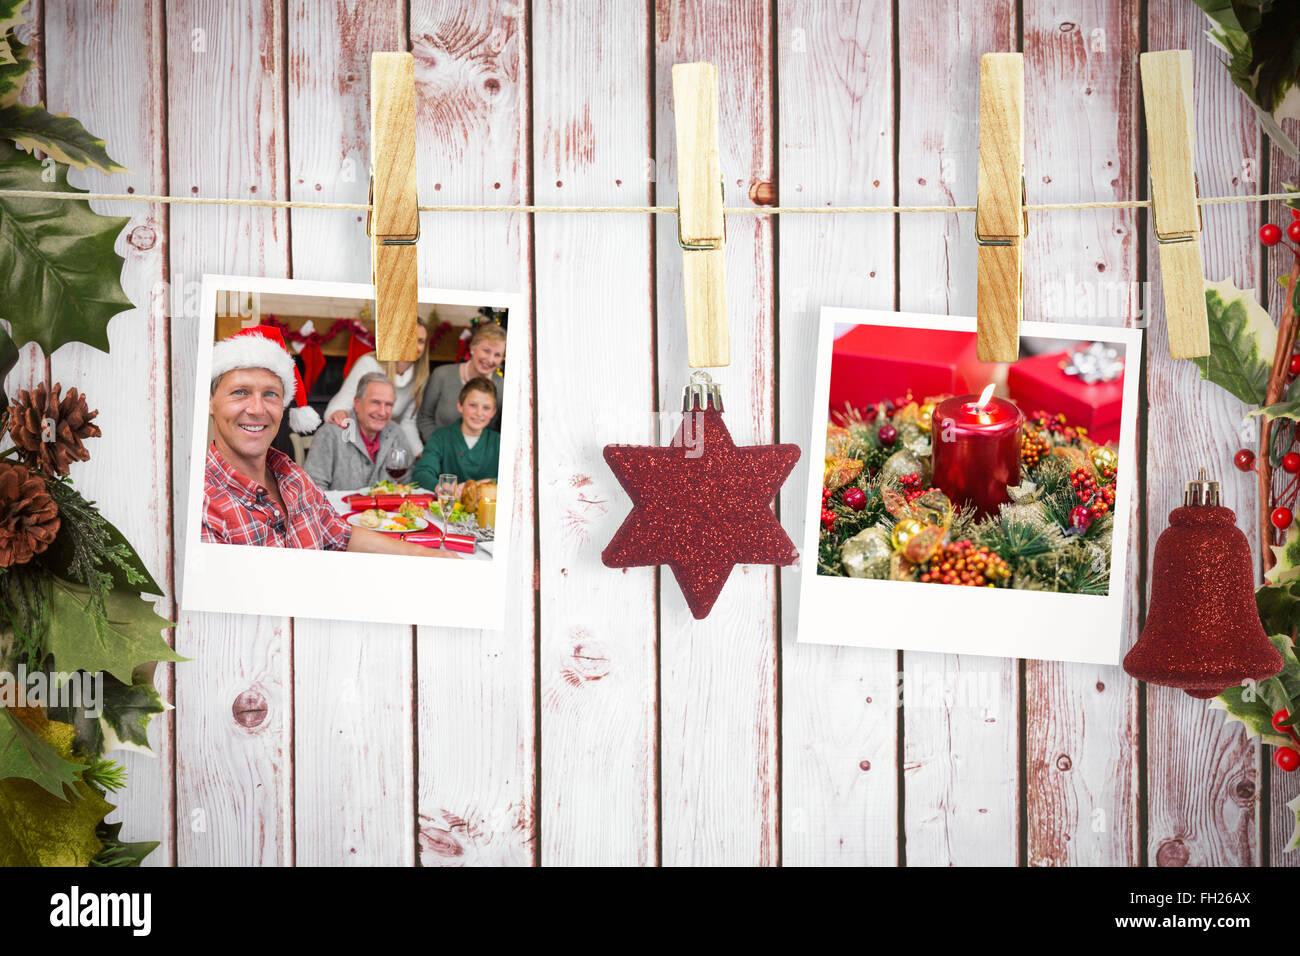 Weihnachtsbilder Suchen.Zusammengesetztes Bild Von Hängenden Weihnachtsbilder Stockfoto